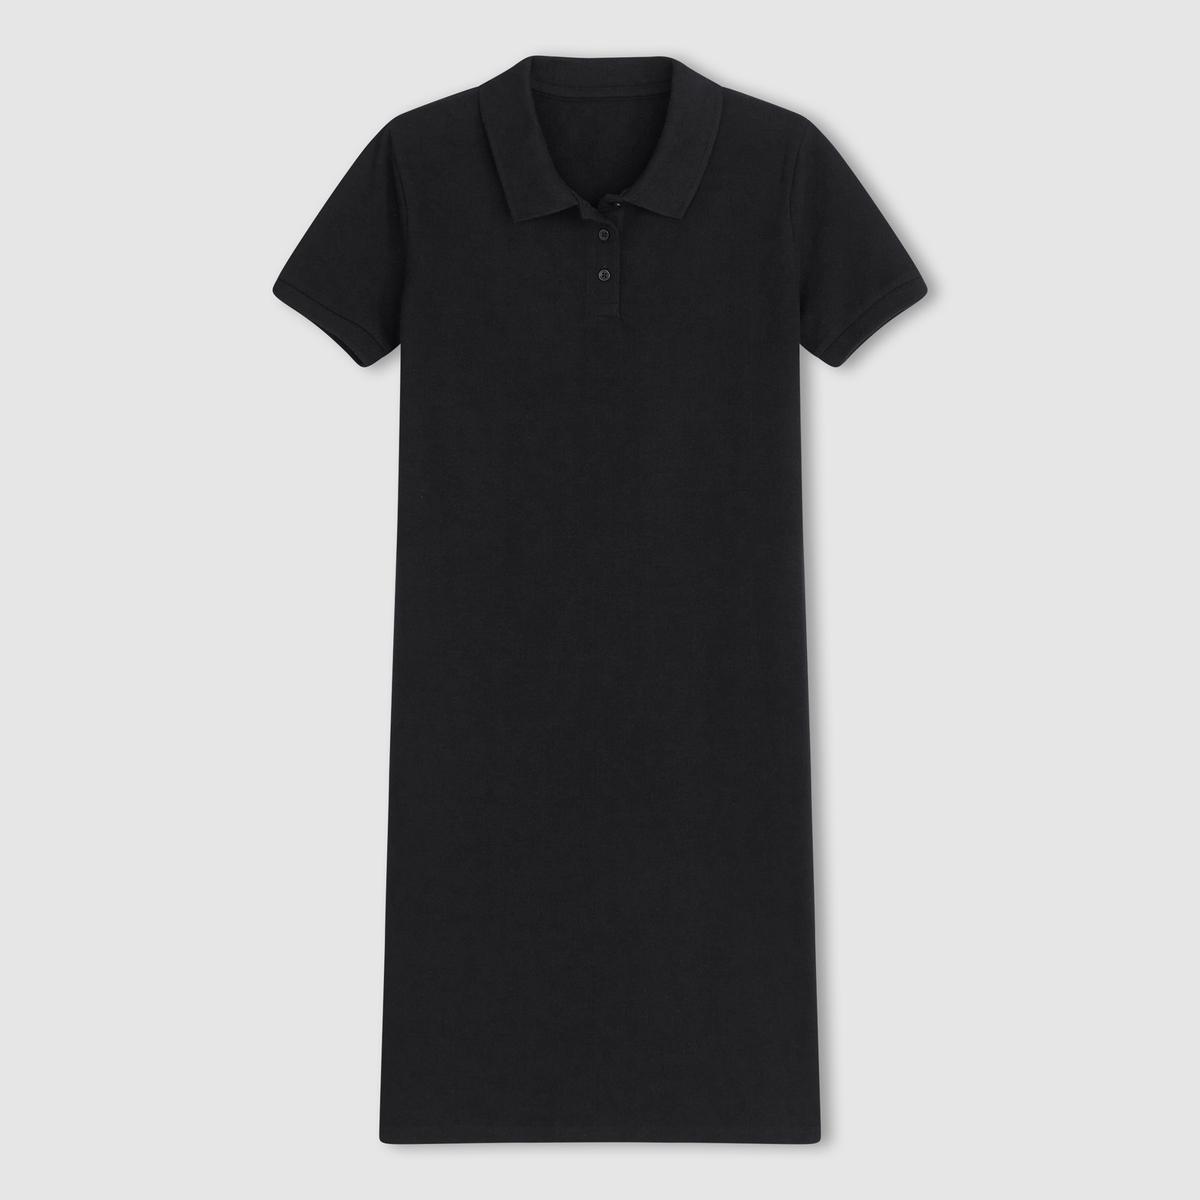 Платье с воротником полоСостав и описание Материал : 100% хлопка Длина : 91 см Марка : R essentiels<br><br>Цвет: черный